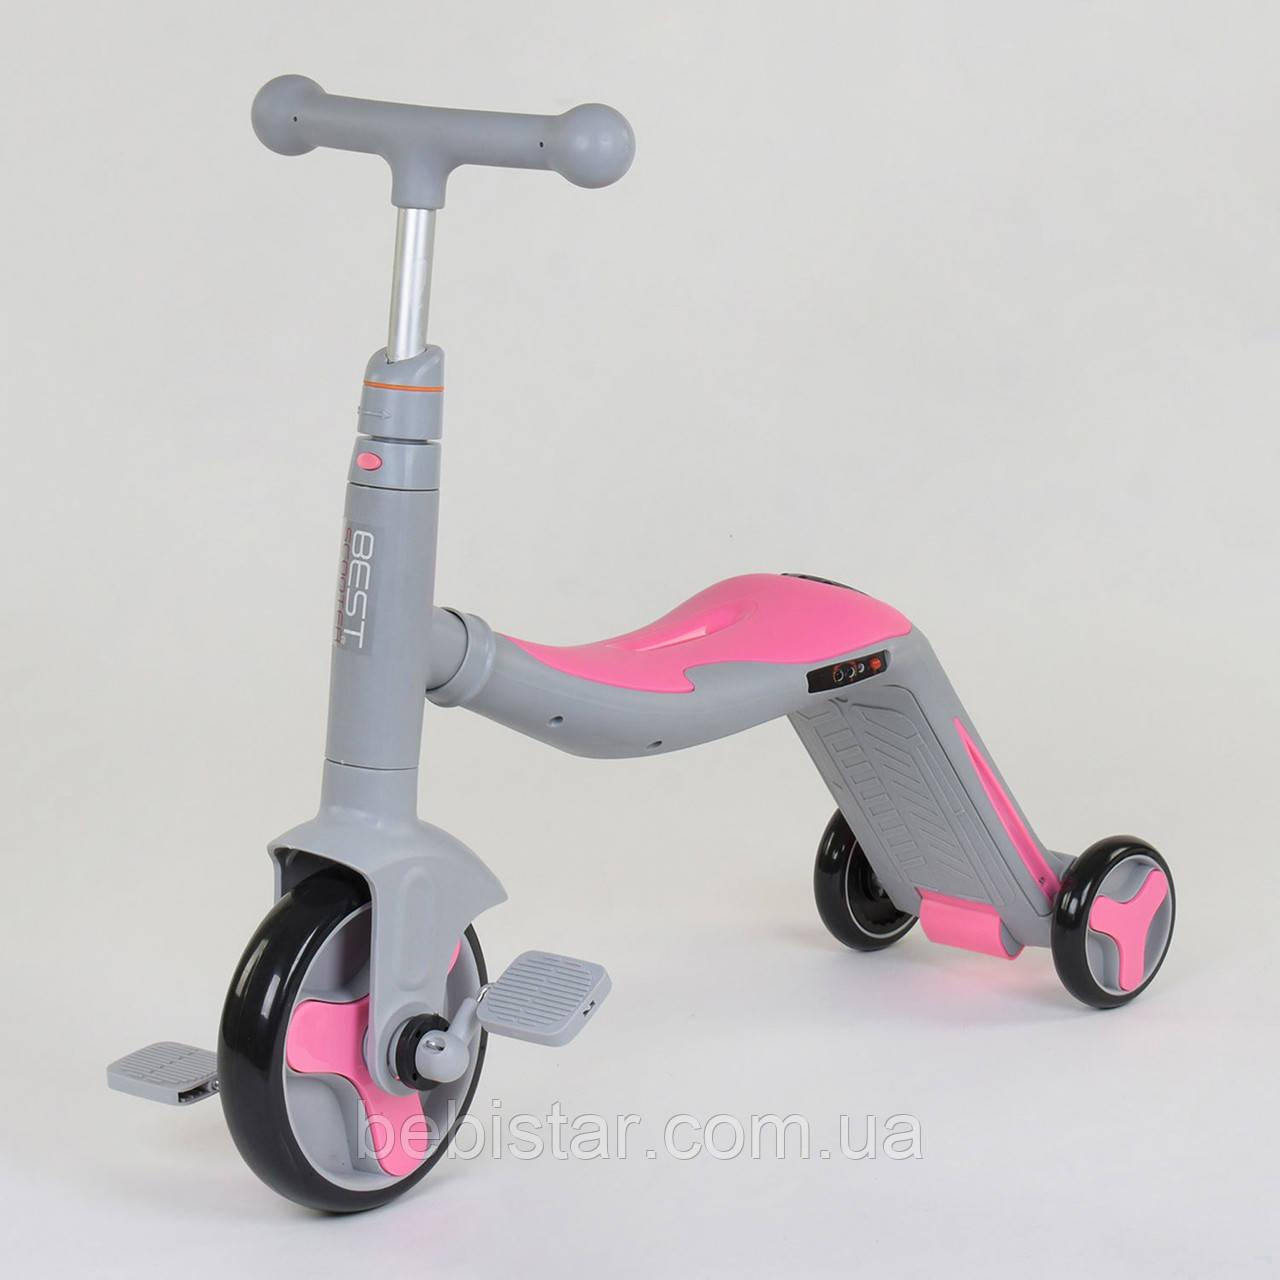 Велосипед трехколесный, беговел и самокат 3 в 1 розовый с.рама с подсветкой и музыкой для детей от 3 до 8 лет